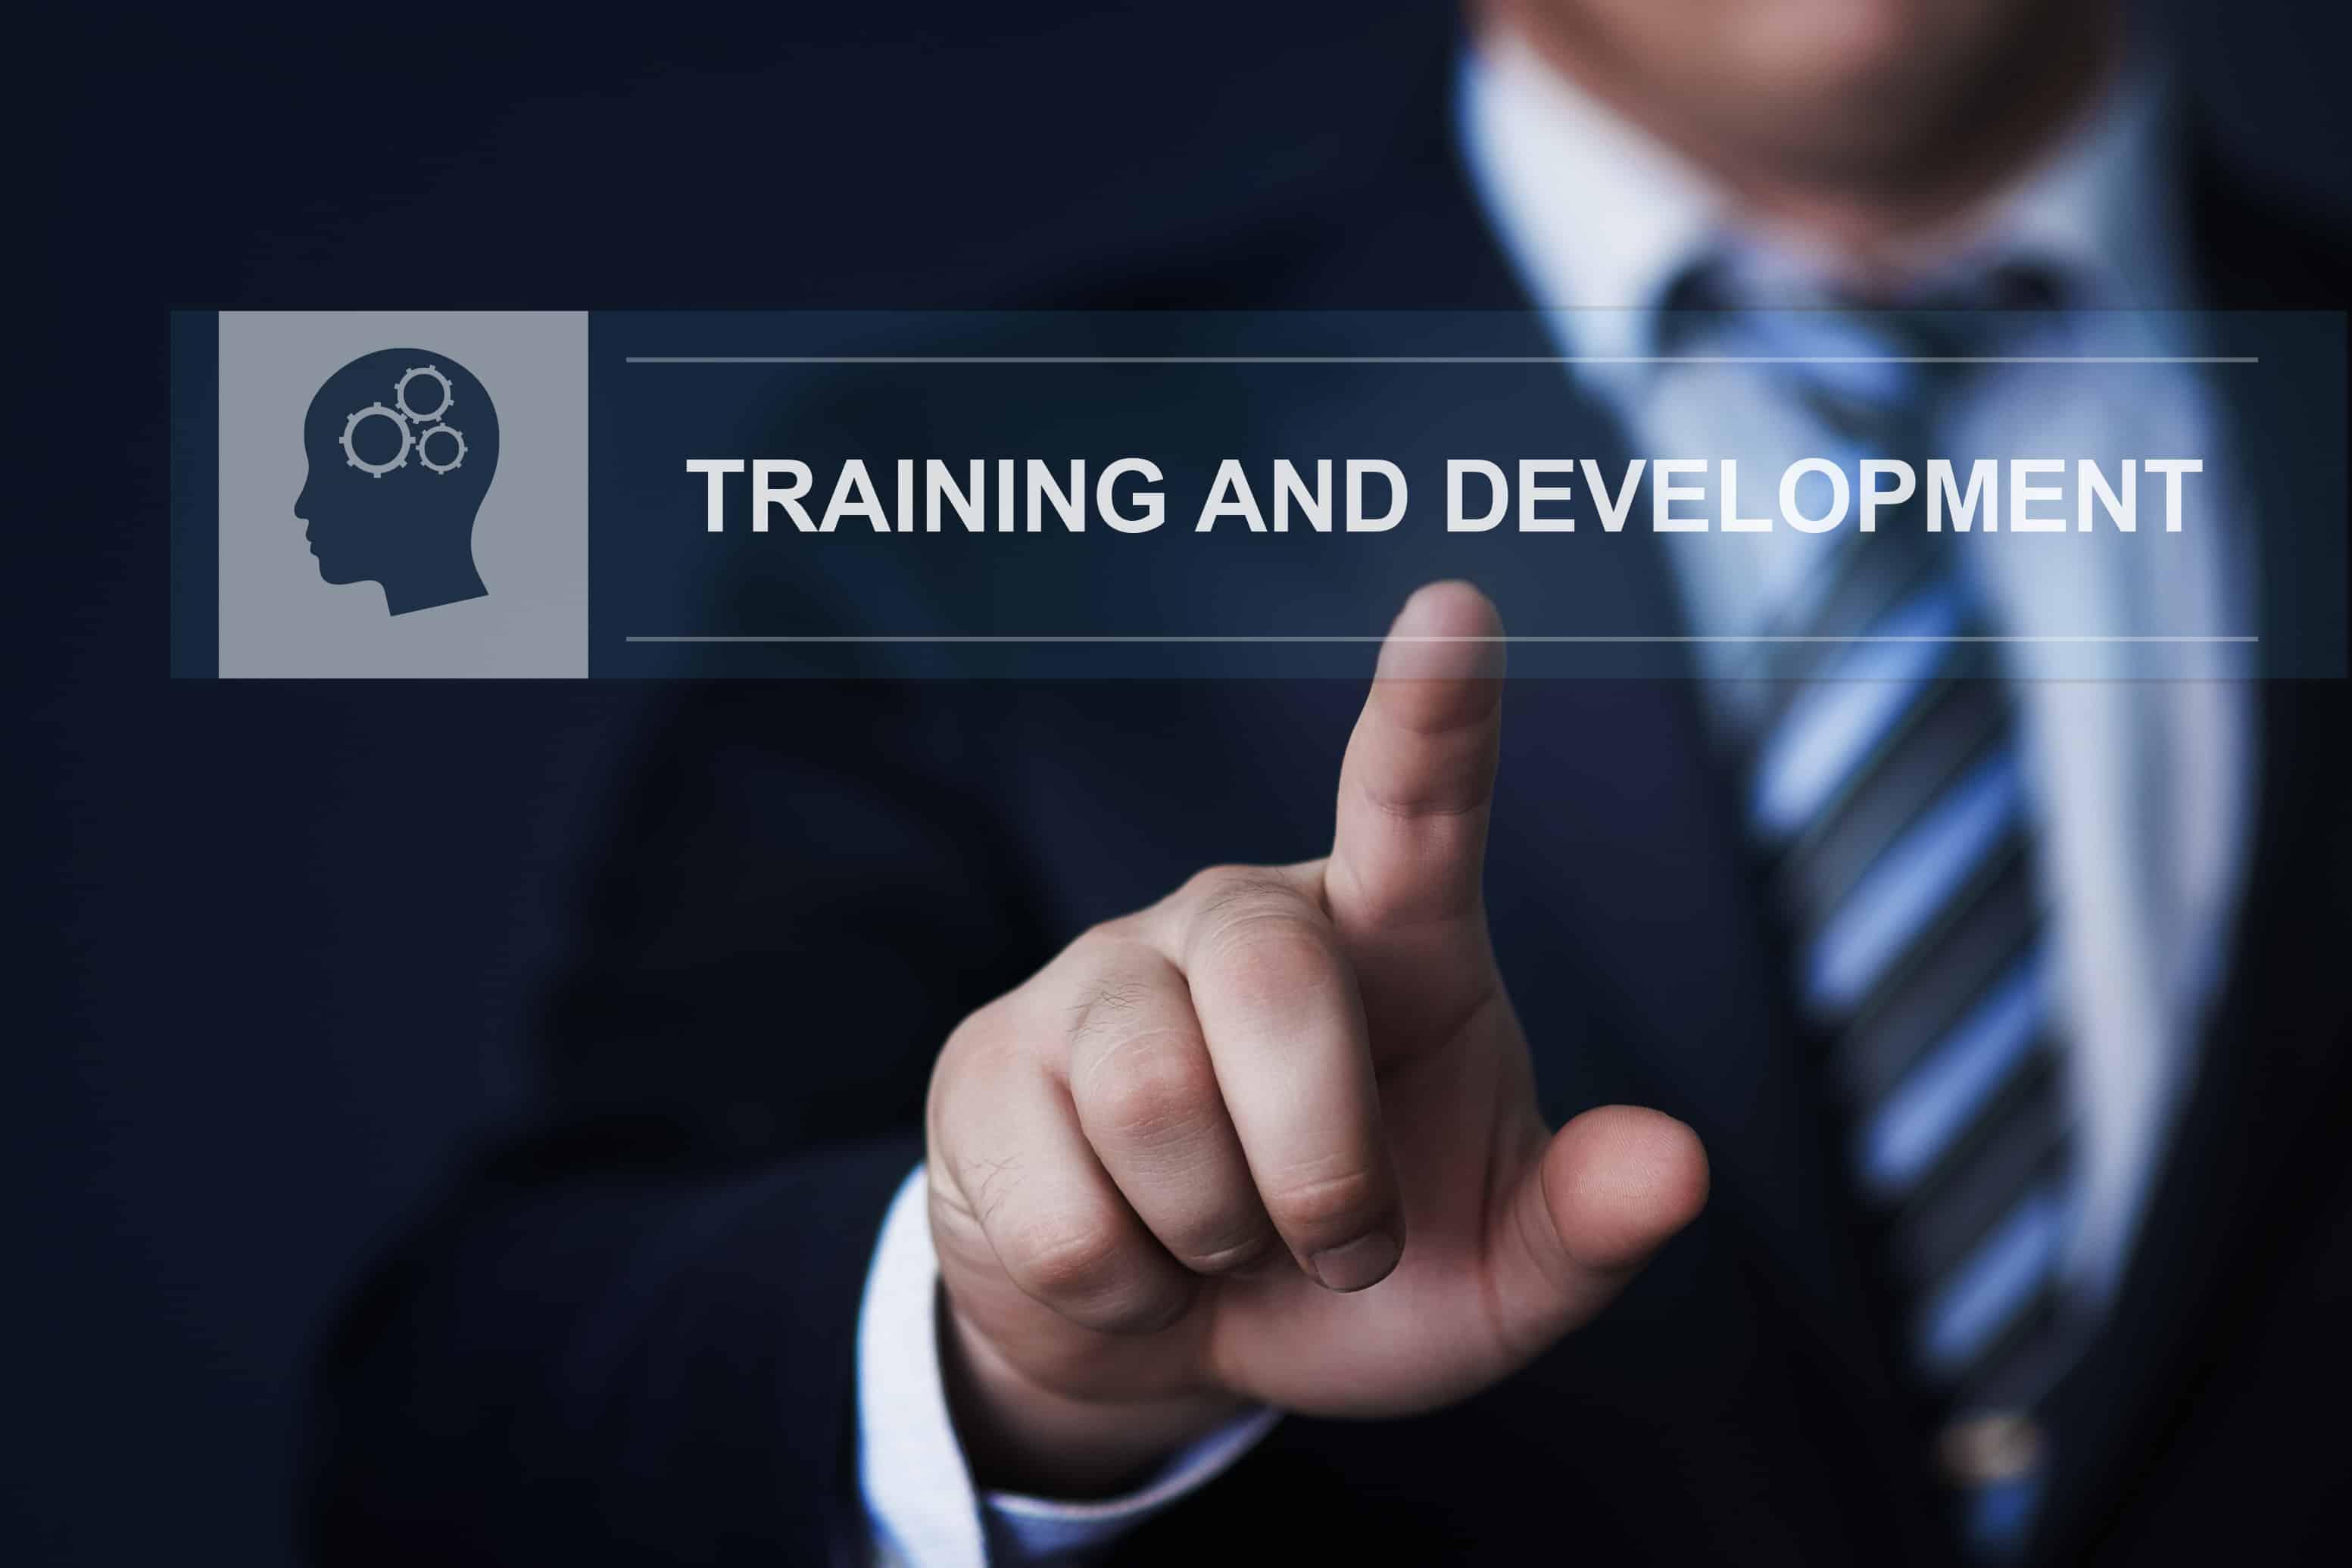 szkolenia i konferencje październik 2019